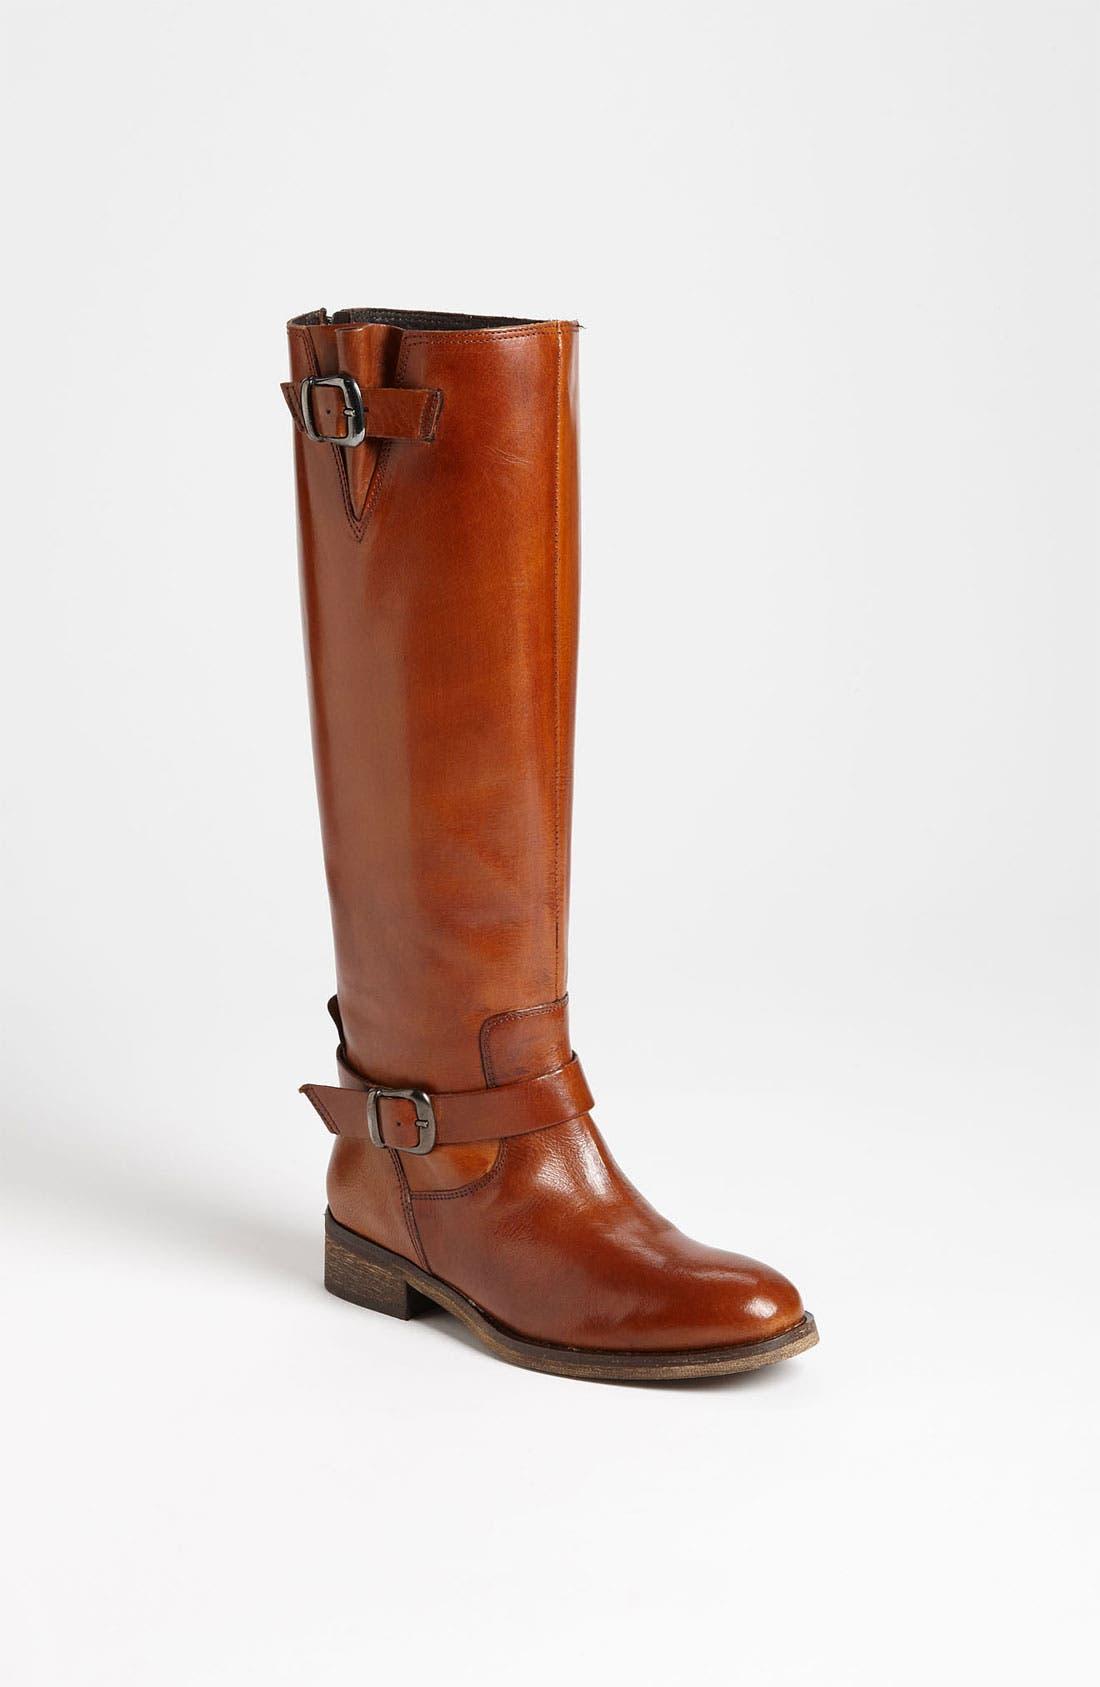 Main Image - ALDO 'Laverdiere' Boot